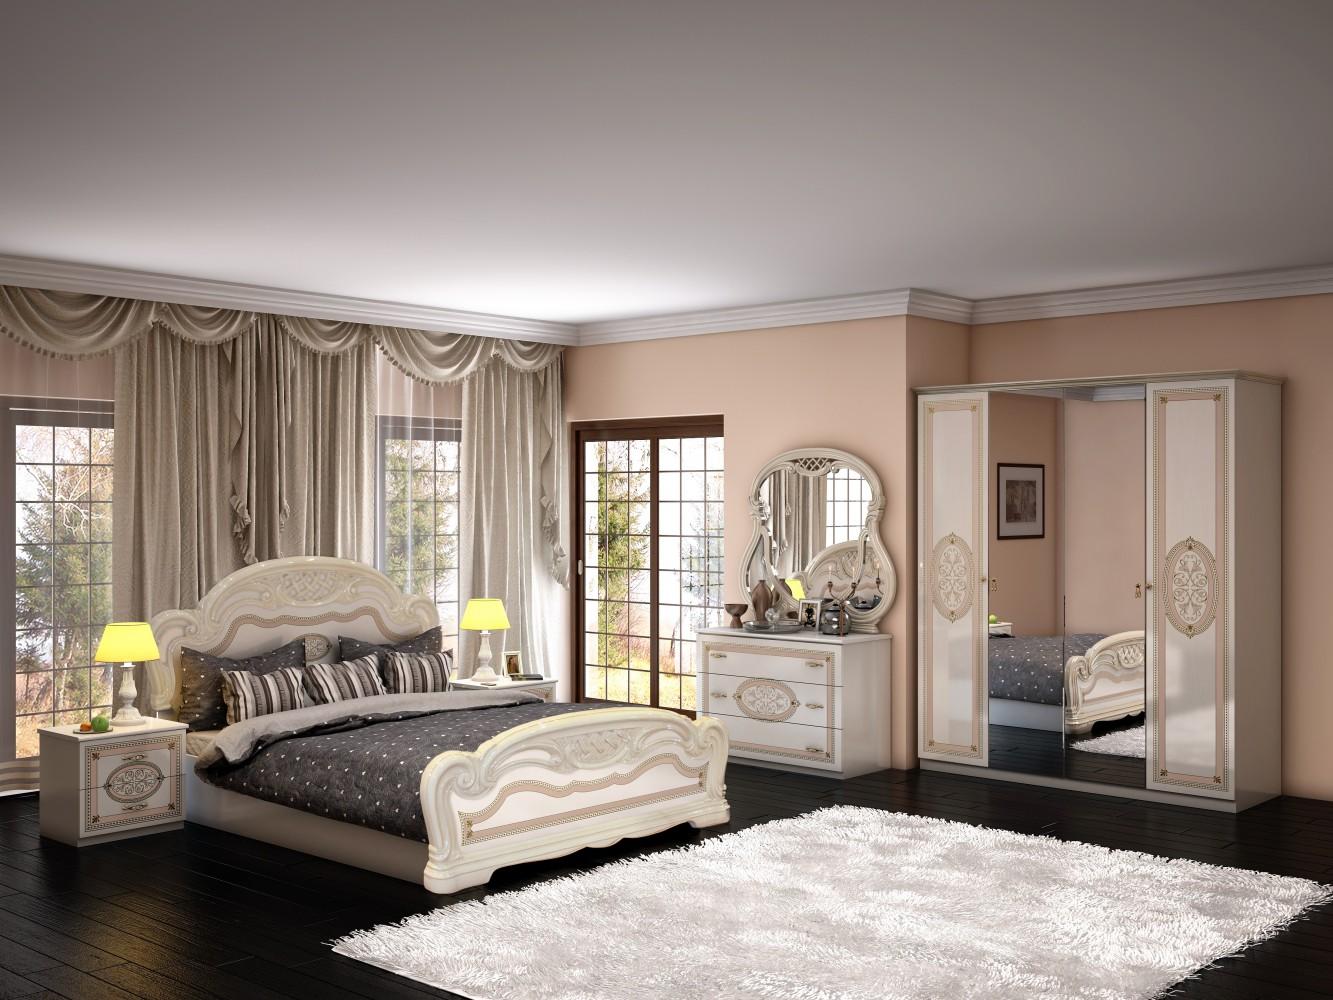 Schlafzimmer Lana In Beige Creme Barock Klassik Design 1 ...